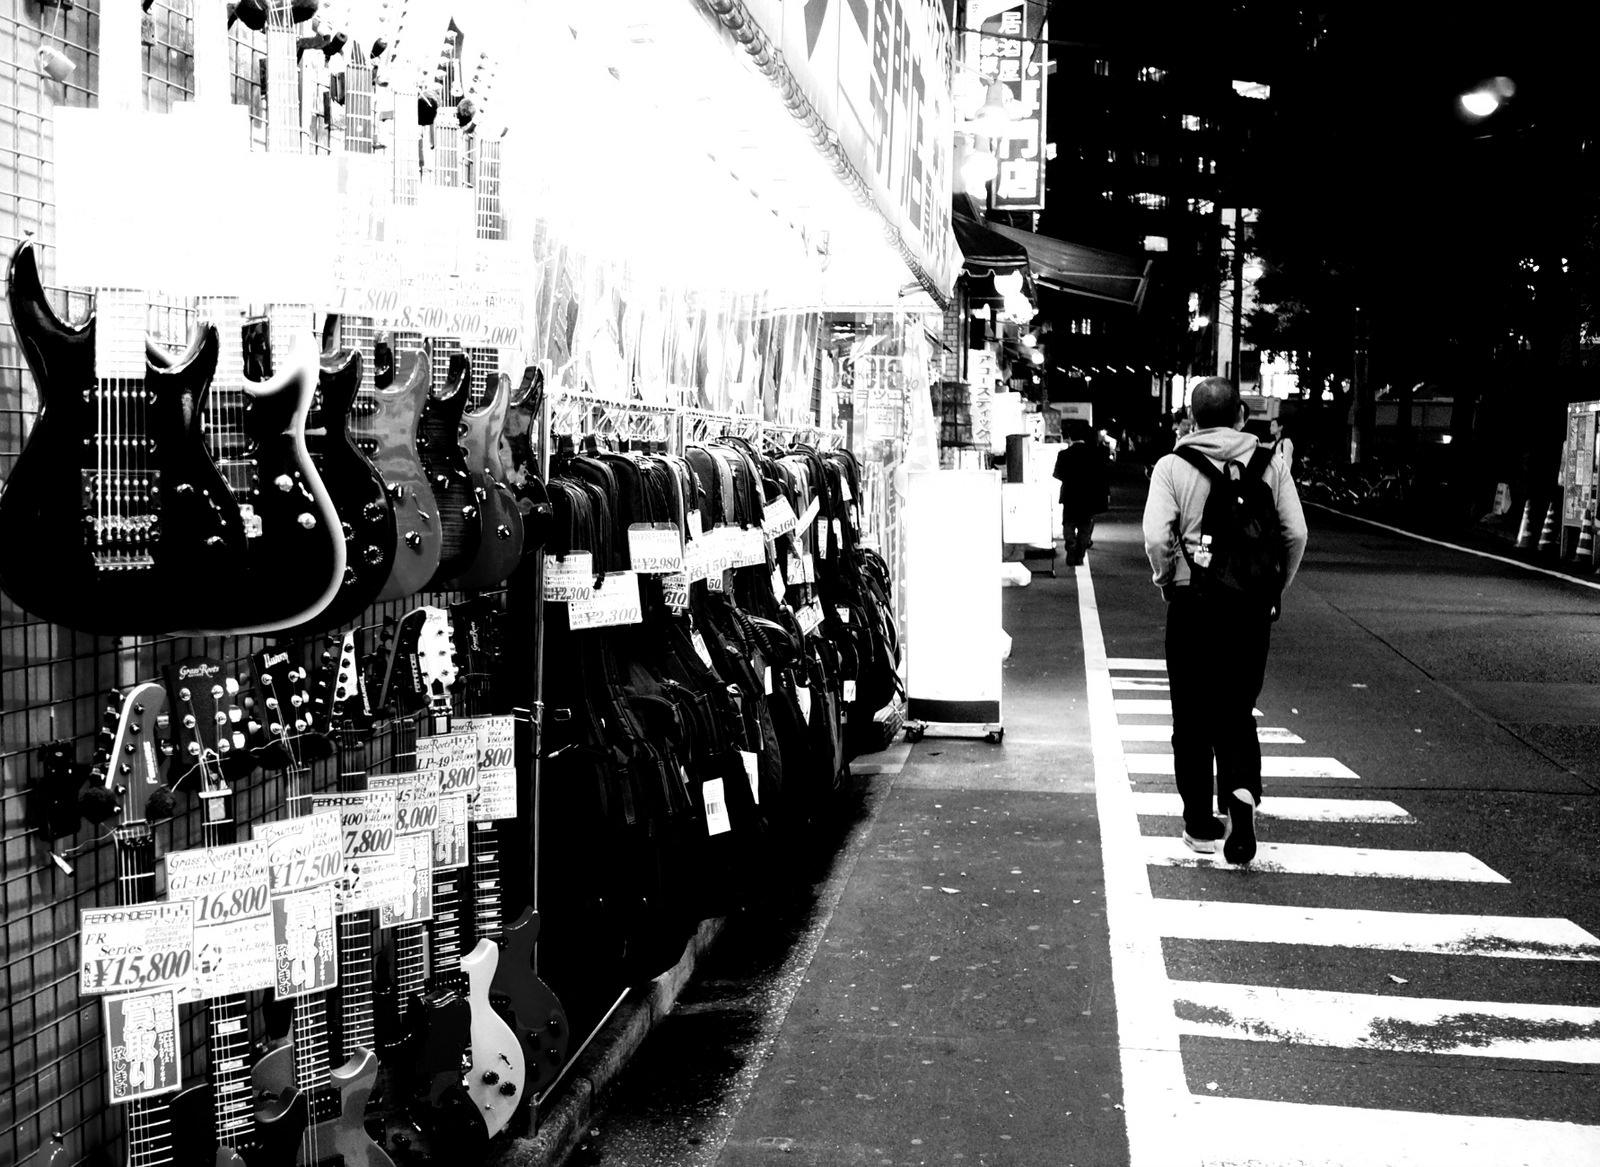 ochanomizu-guitar-street-flickr